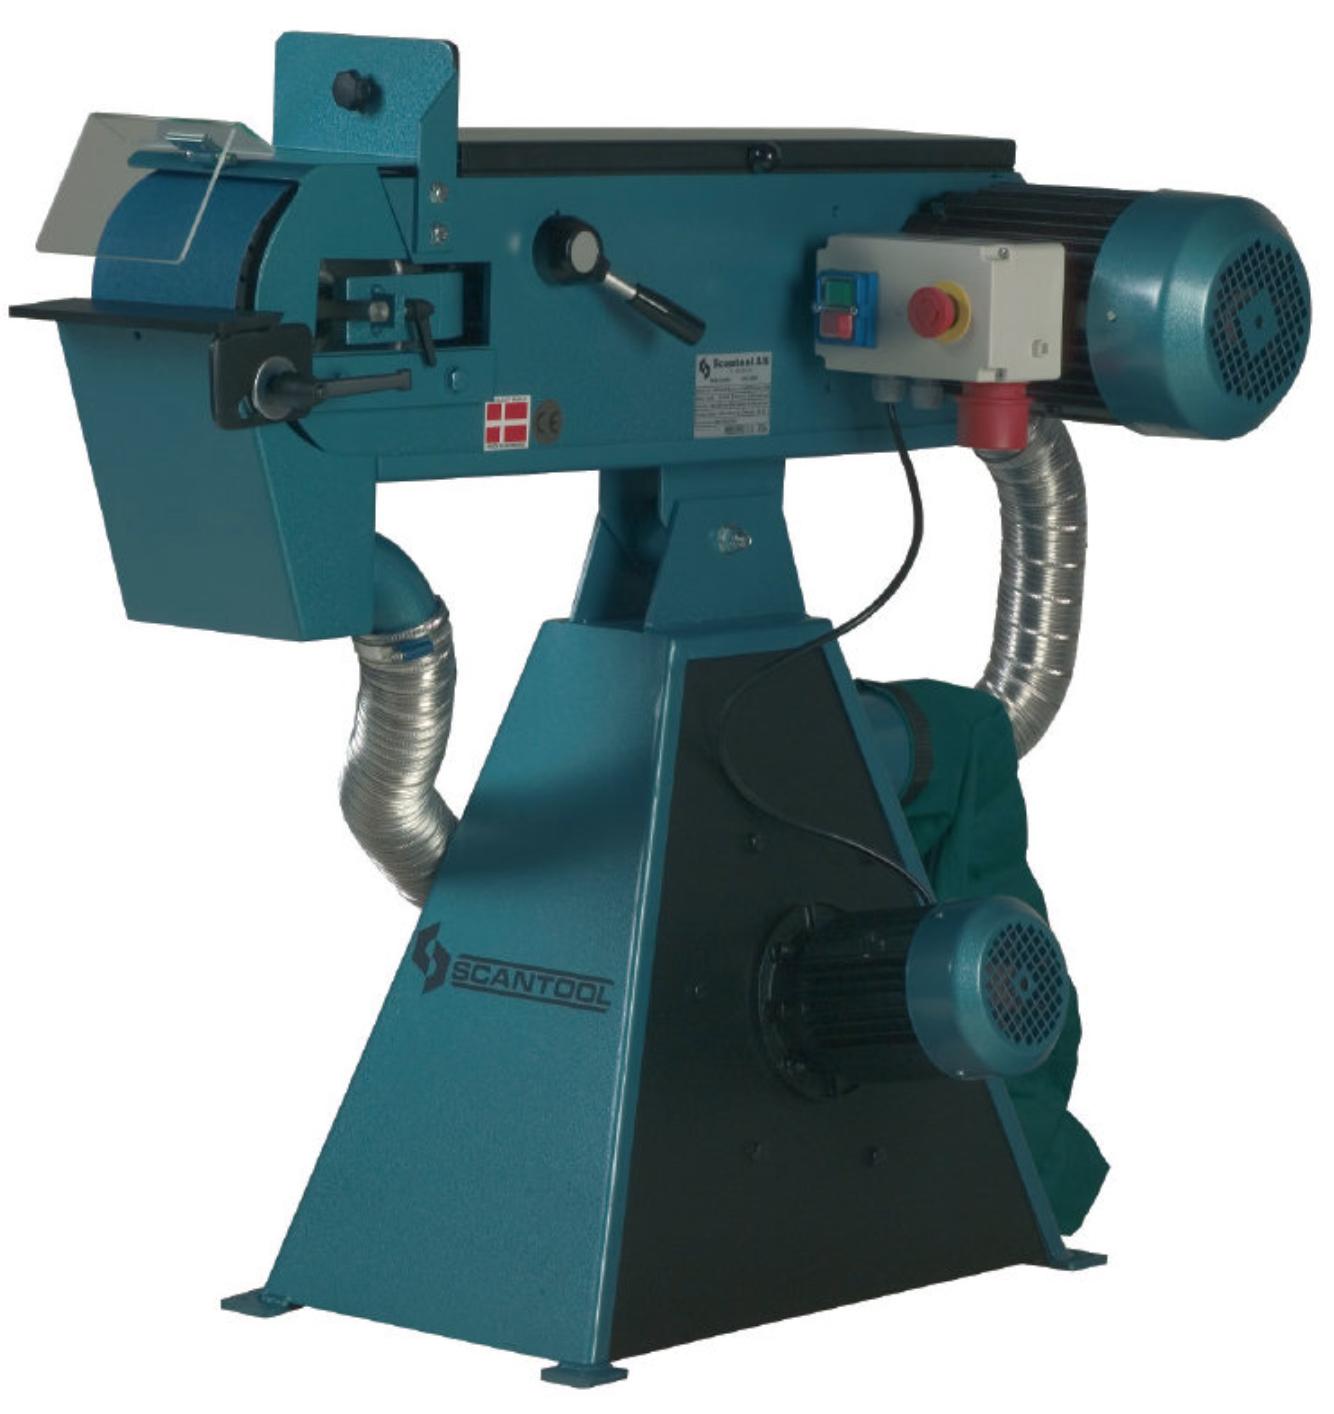 Szlifierka taśmowa Scantool 150x2500mm z wbudowanym odciągiem pyłów - 3,6 kW